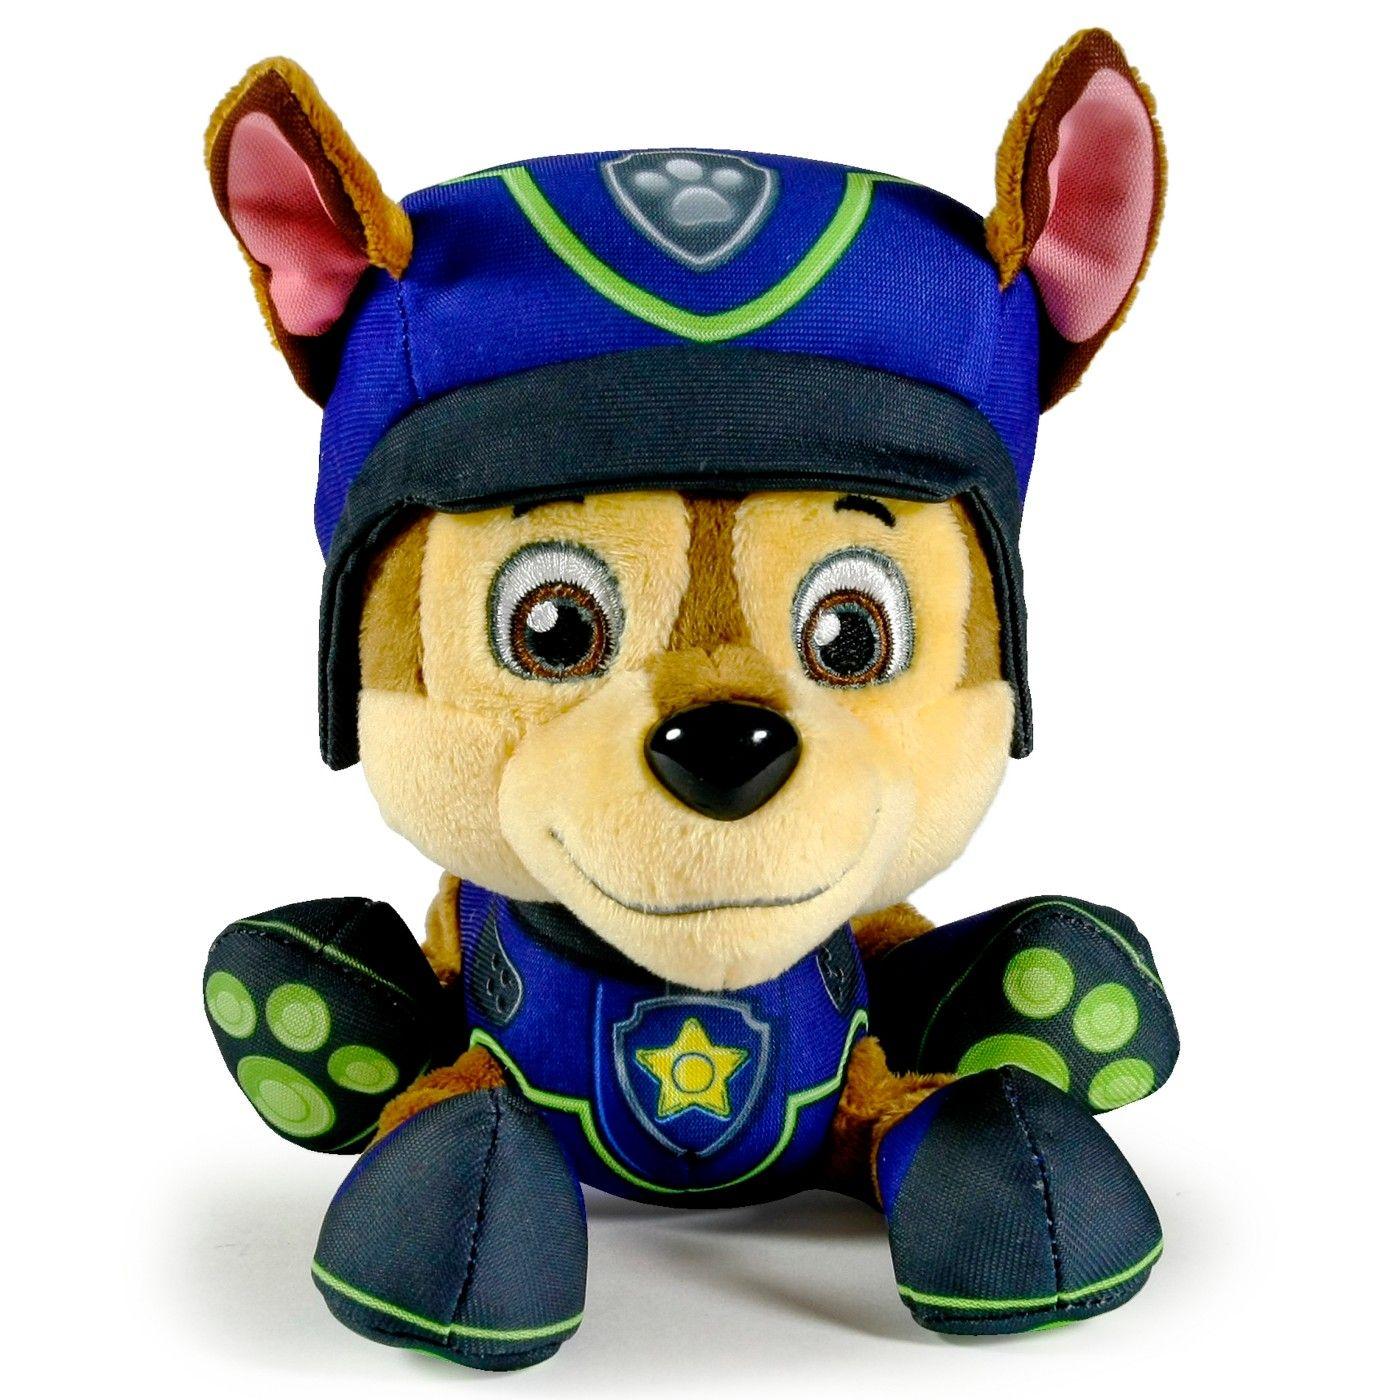 Paw Patrol Spy Chase Plush Patrol Paw Spy Paw Patrol Figure